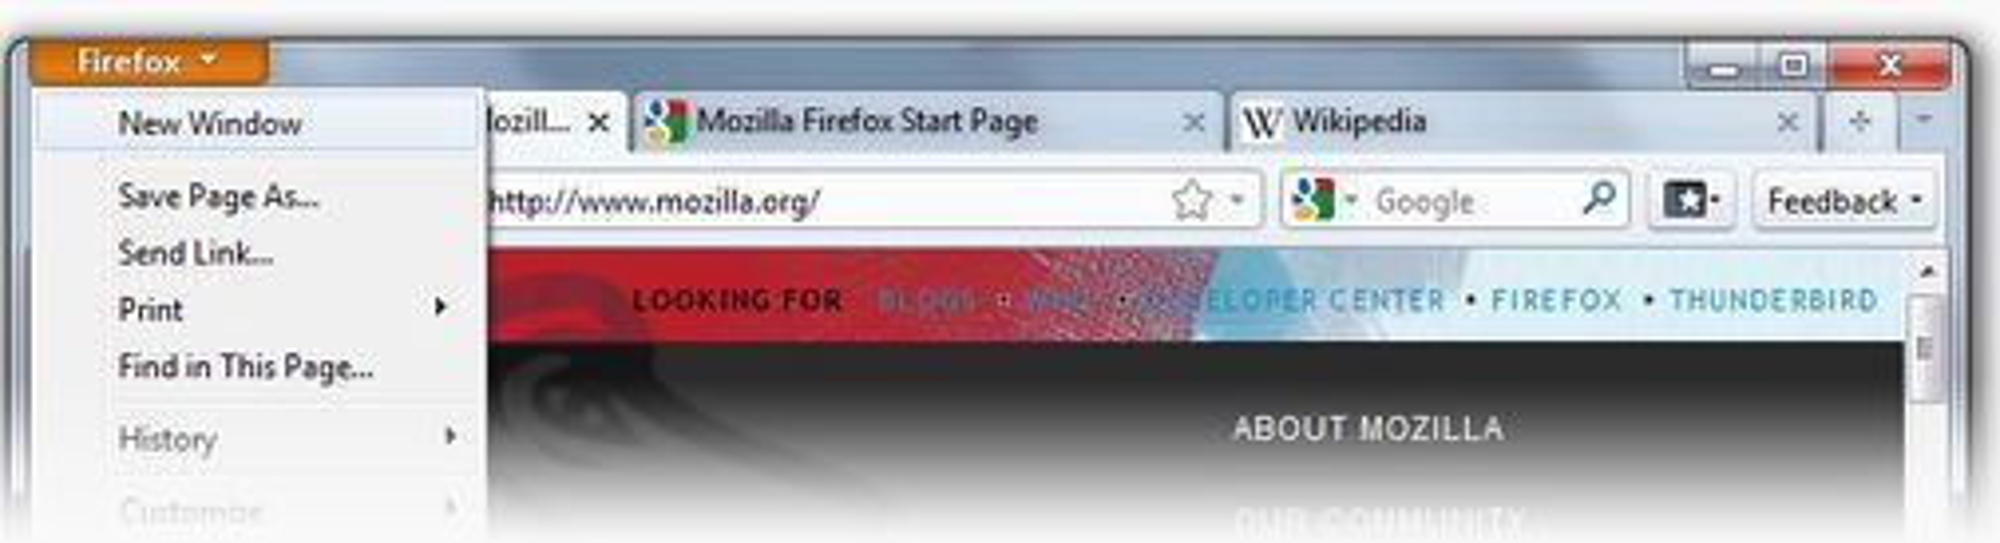 Foreløpig utseende på Firefox-knappen og fanene som er plassert i toppen av vinduet i Firefox 4 Beta 1.